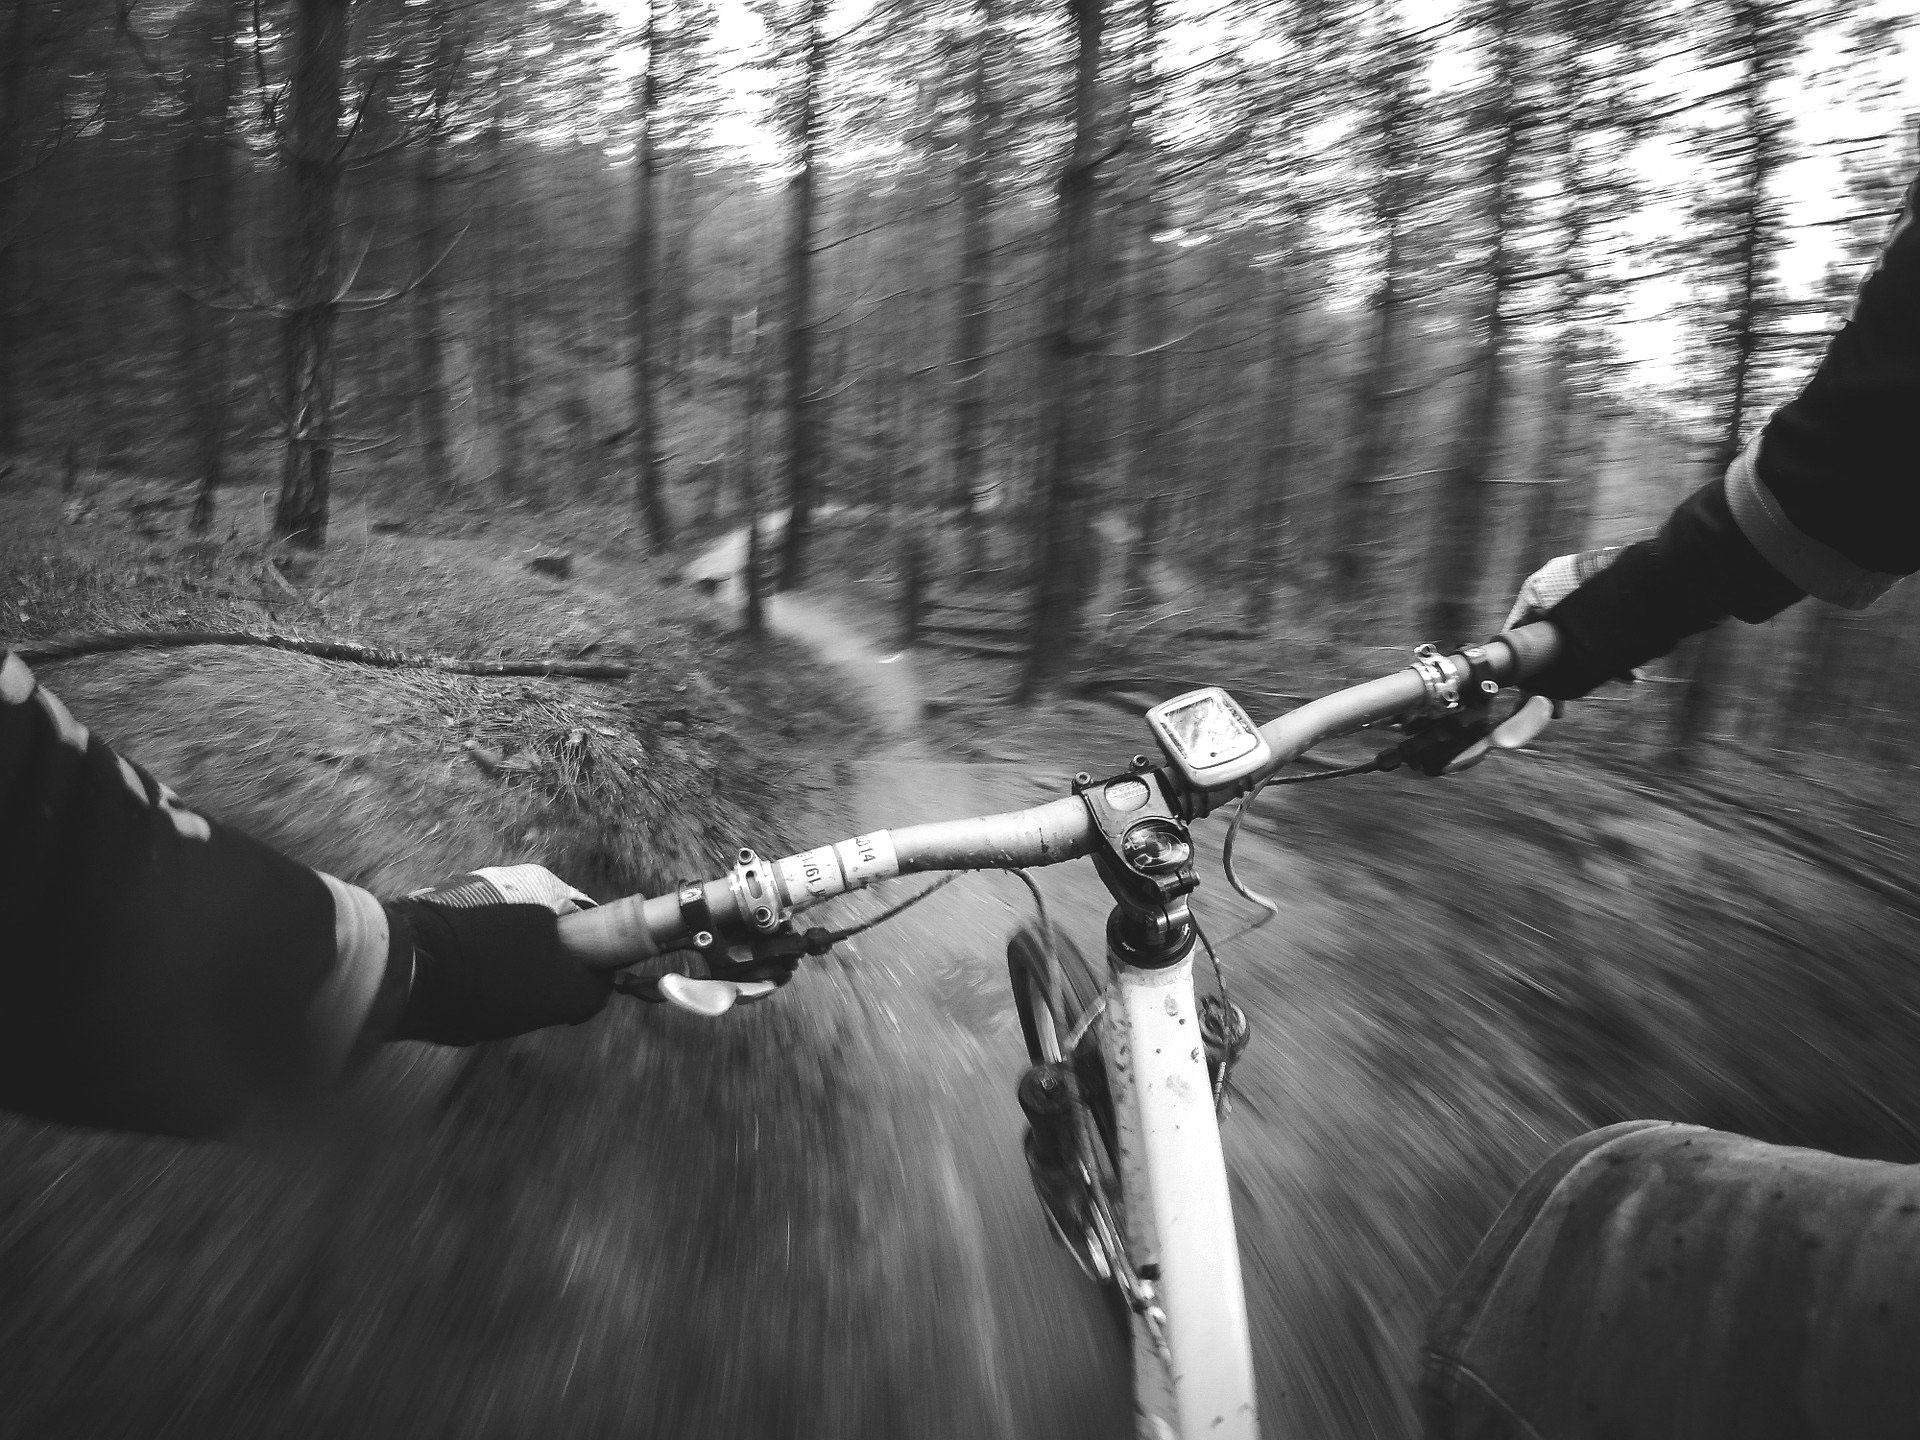 פילאטיס הוד השרון | בת שבע שרם בטיפ מעולה לרוכבי אופניים